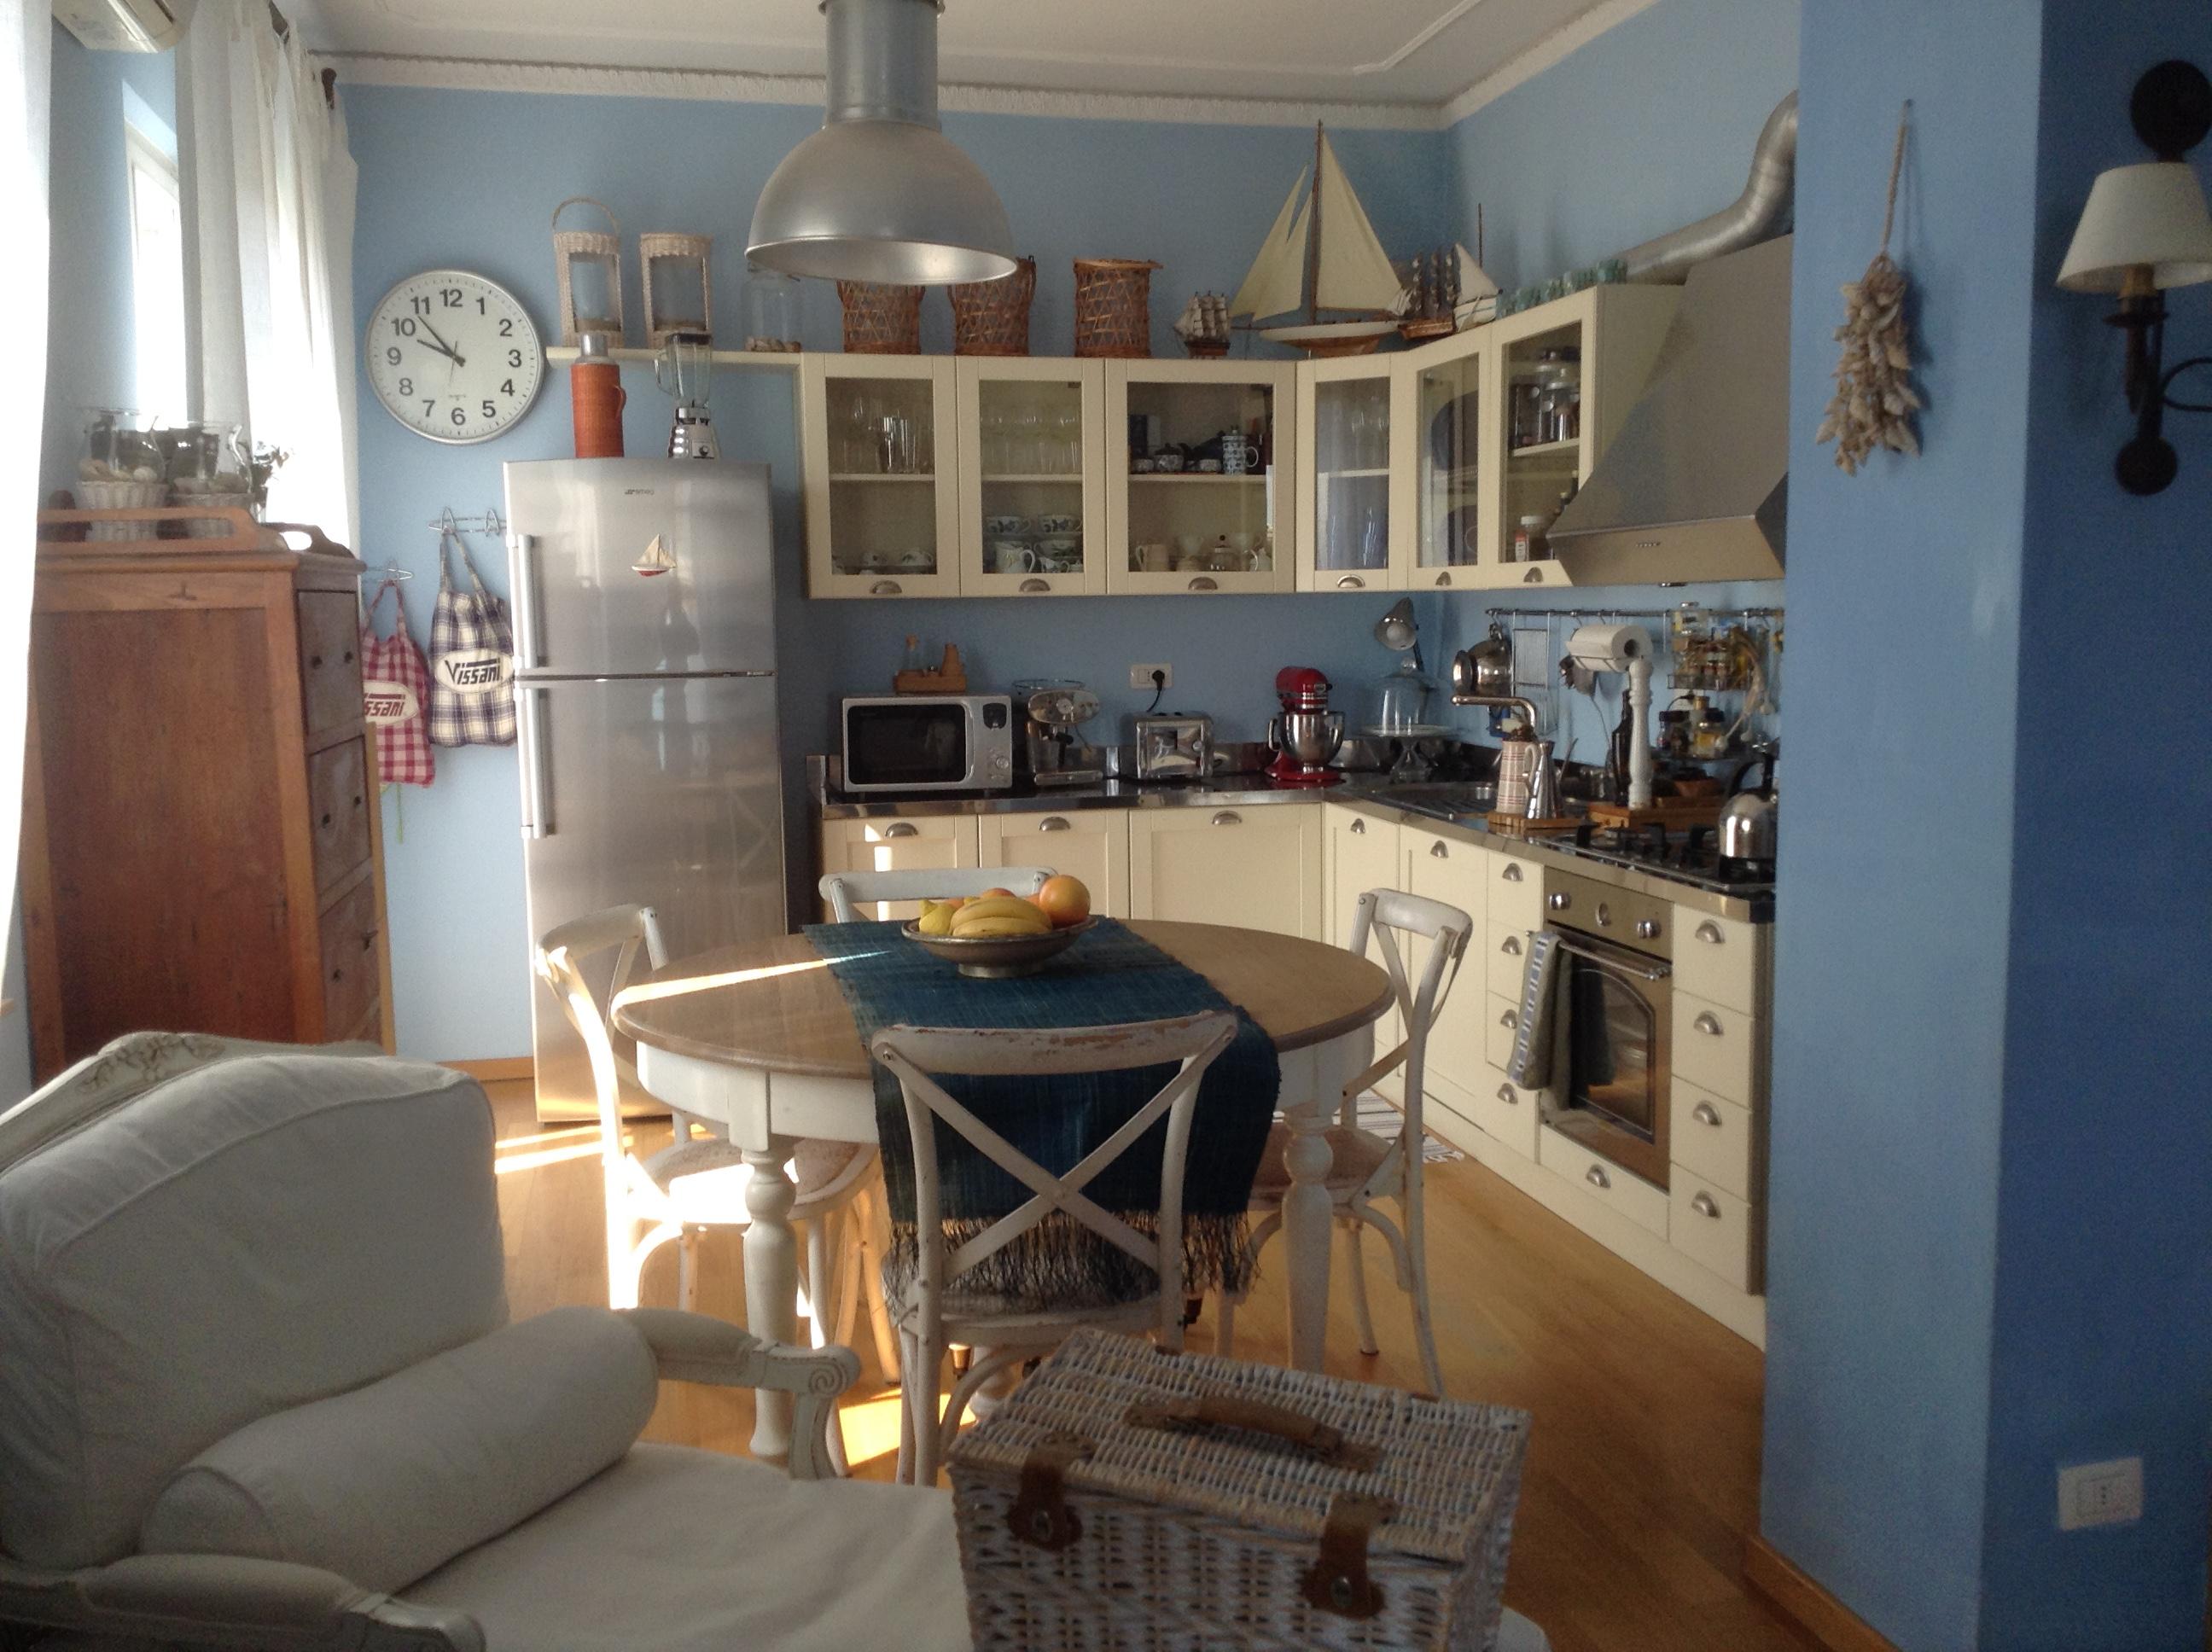 ... padroni di casa sono appassionati di cucina ed enogastronomia